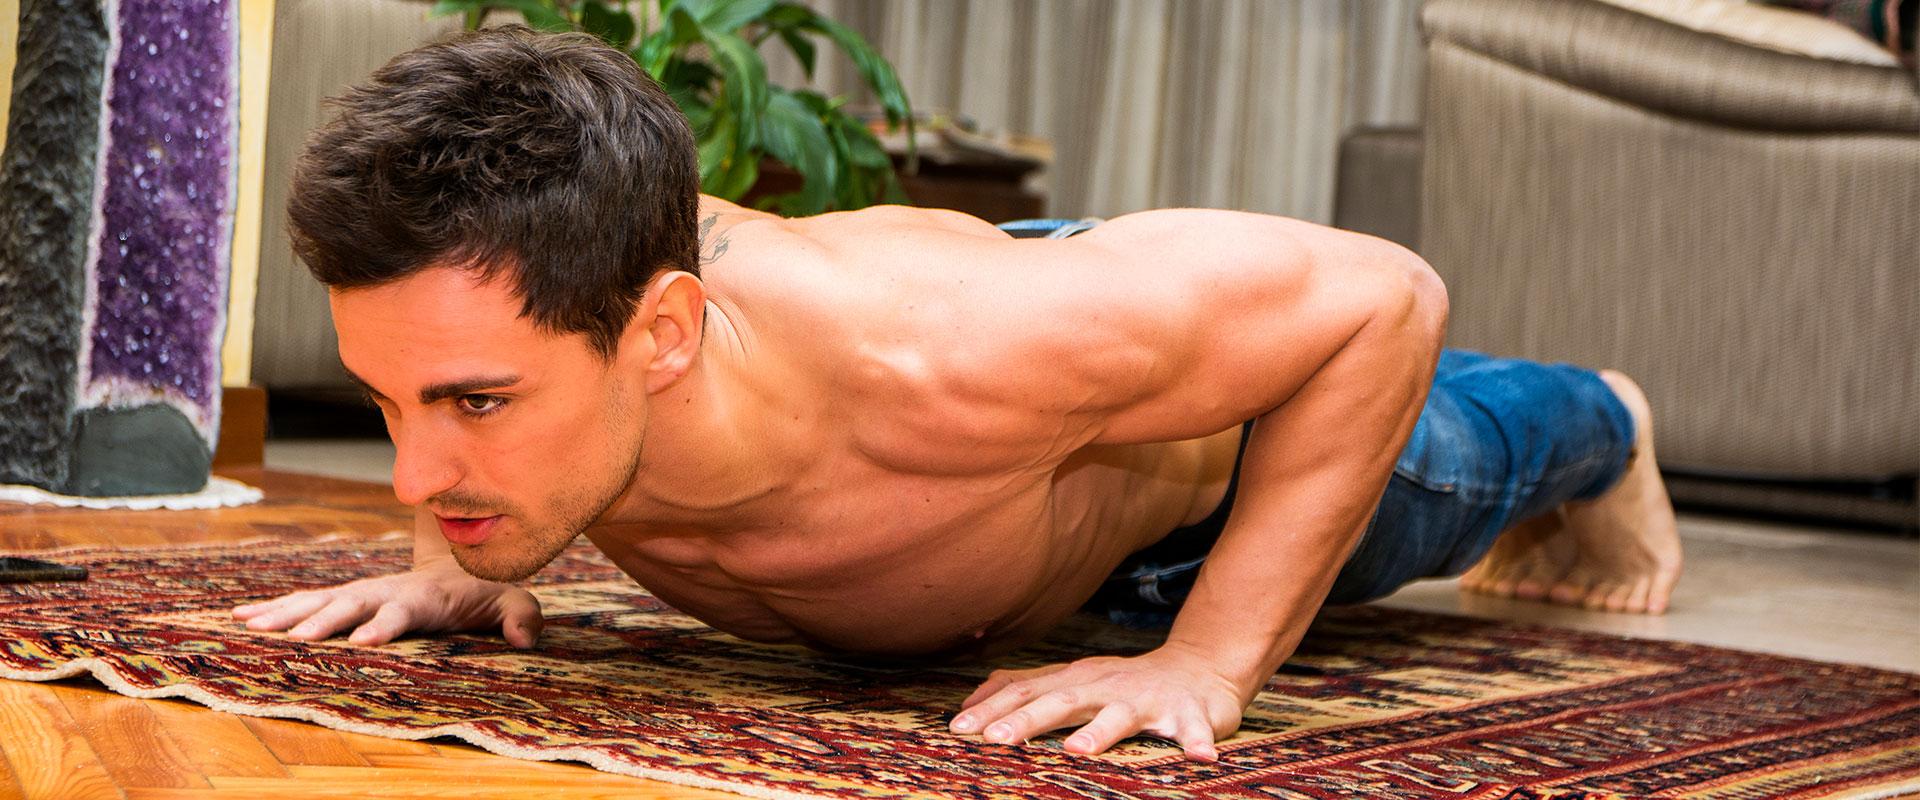 Hombre haciendo ejercicio dentro de su casa.